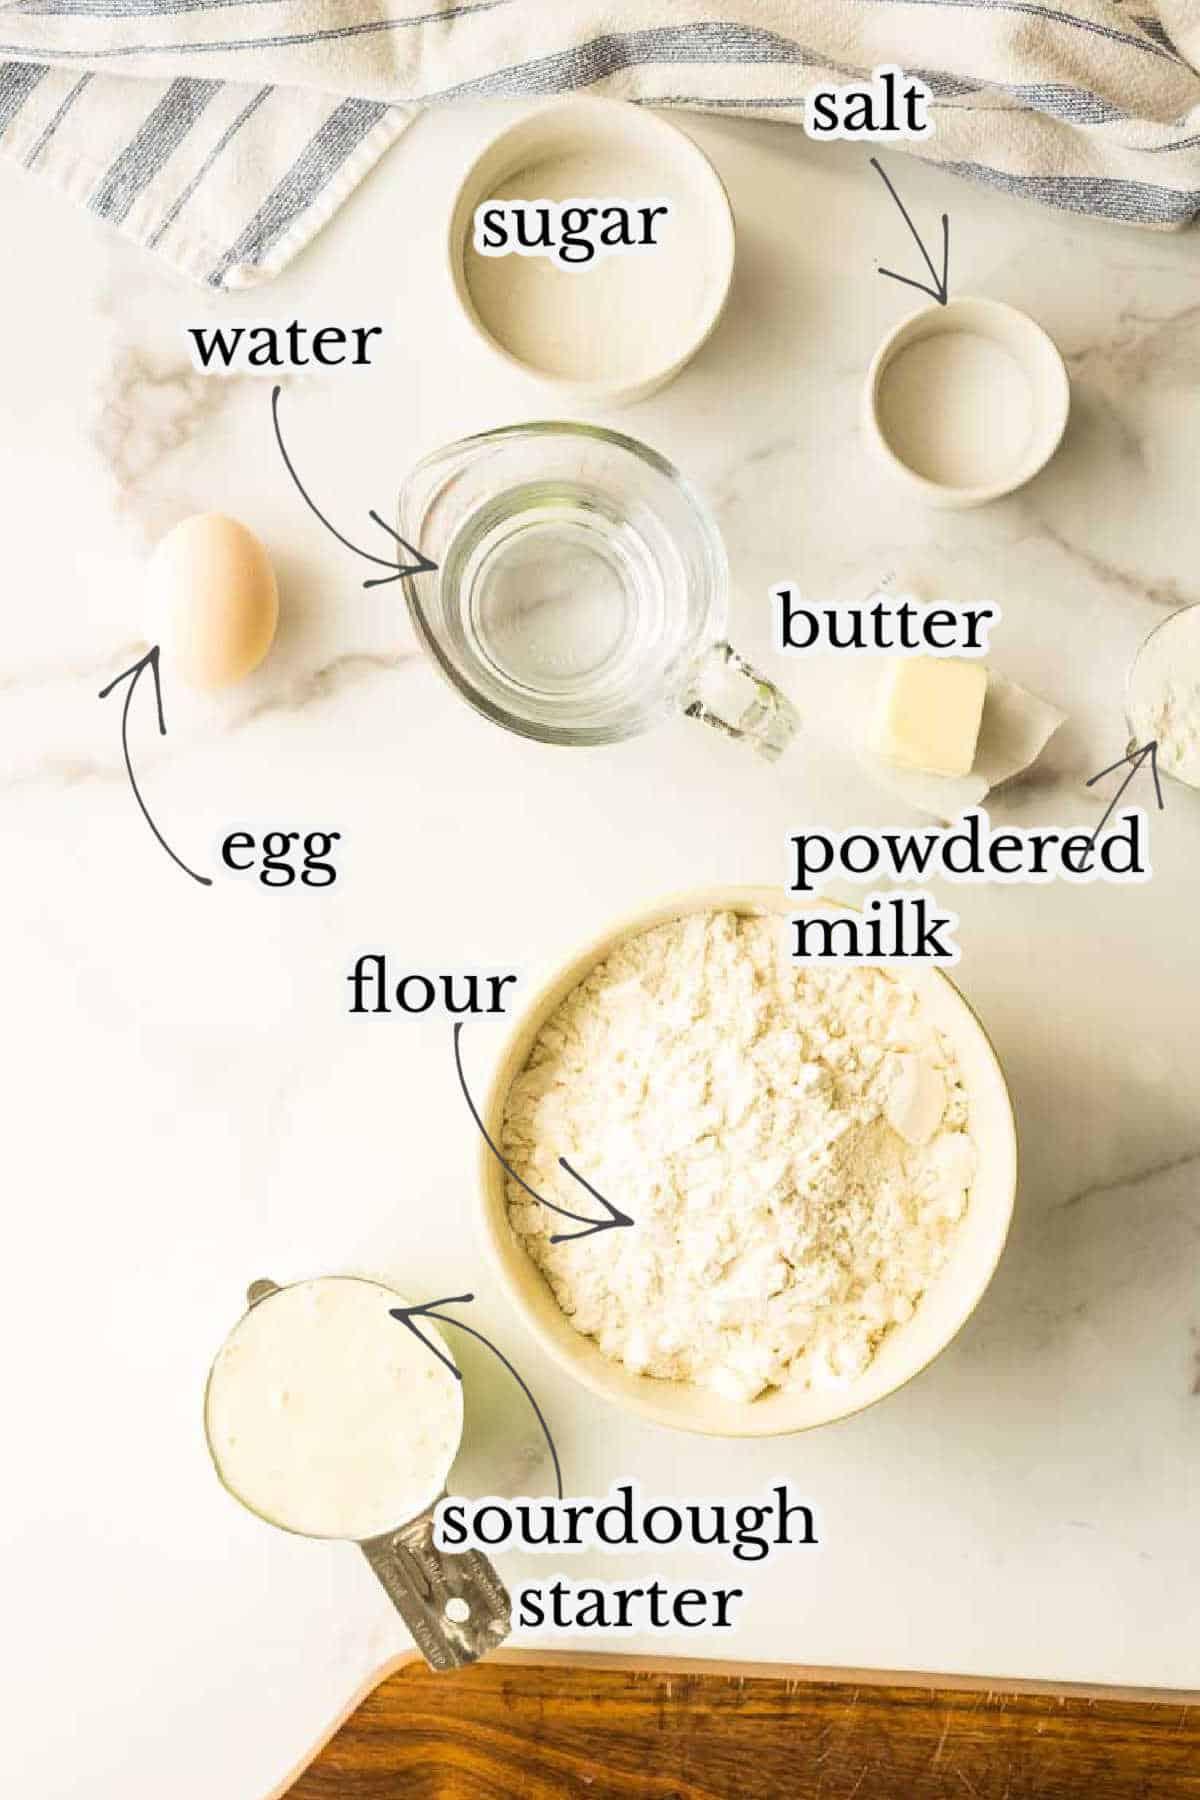 flour, sourdough starter, powdered milk, salt, sugar, and butter